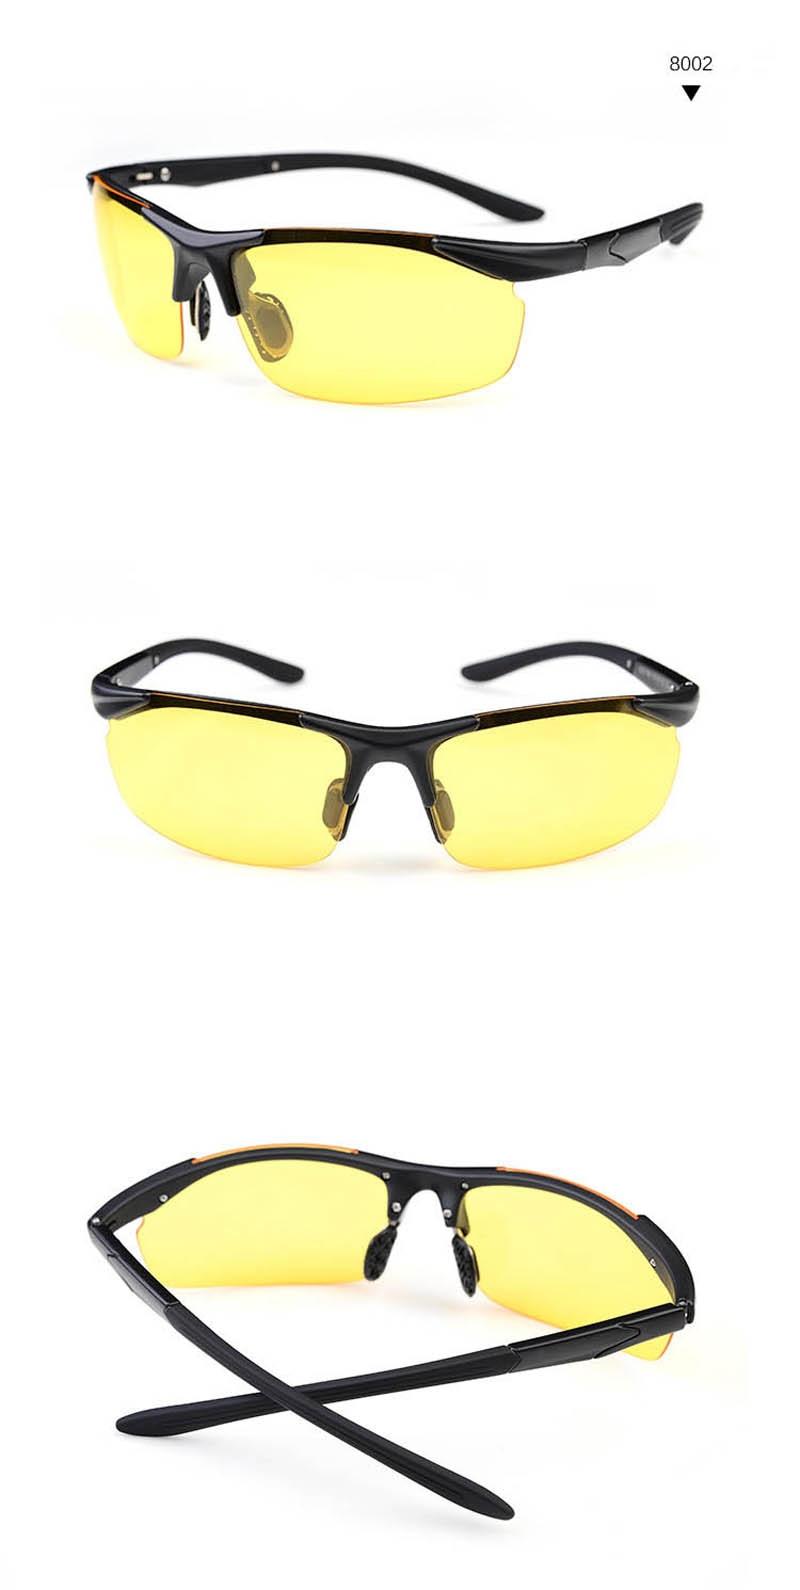 beler UV400 Herren Polarized Photochromic Transition Lens Sonnenbrille Outdoor Driving Sports